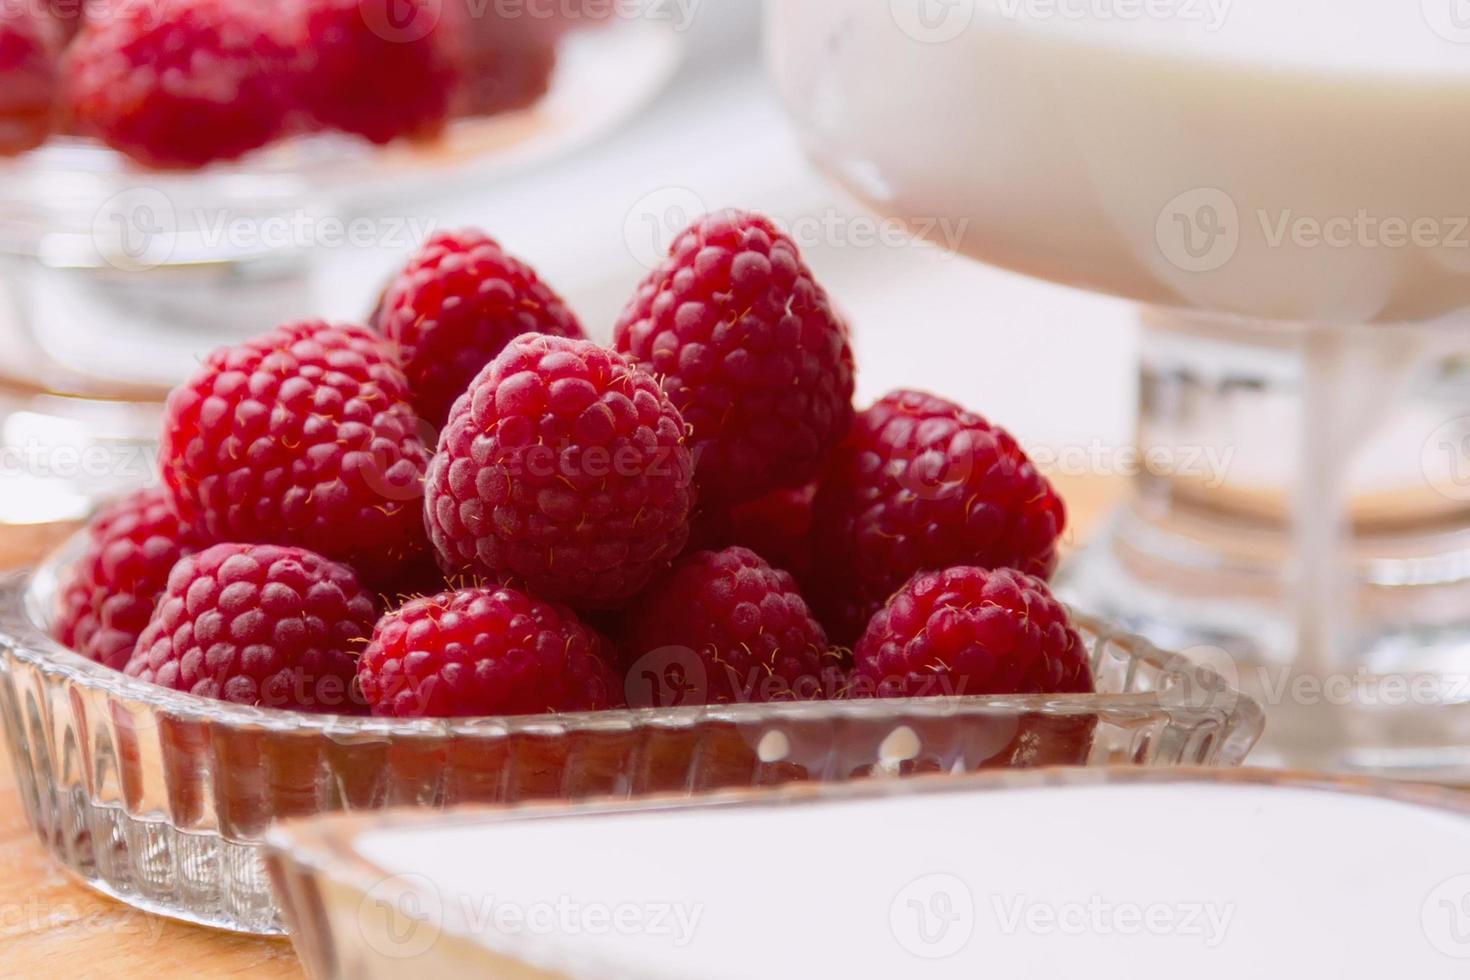 ingredientes: frambuesas, leche, crema foto